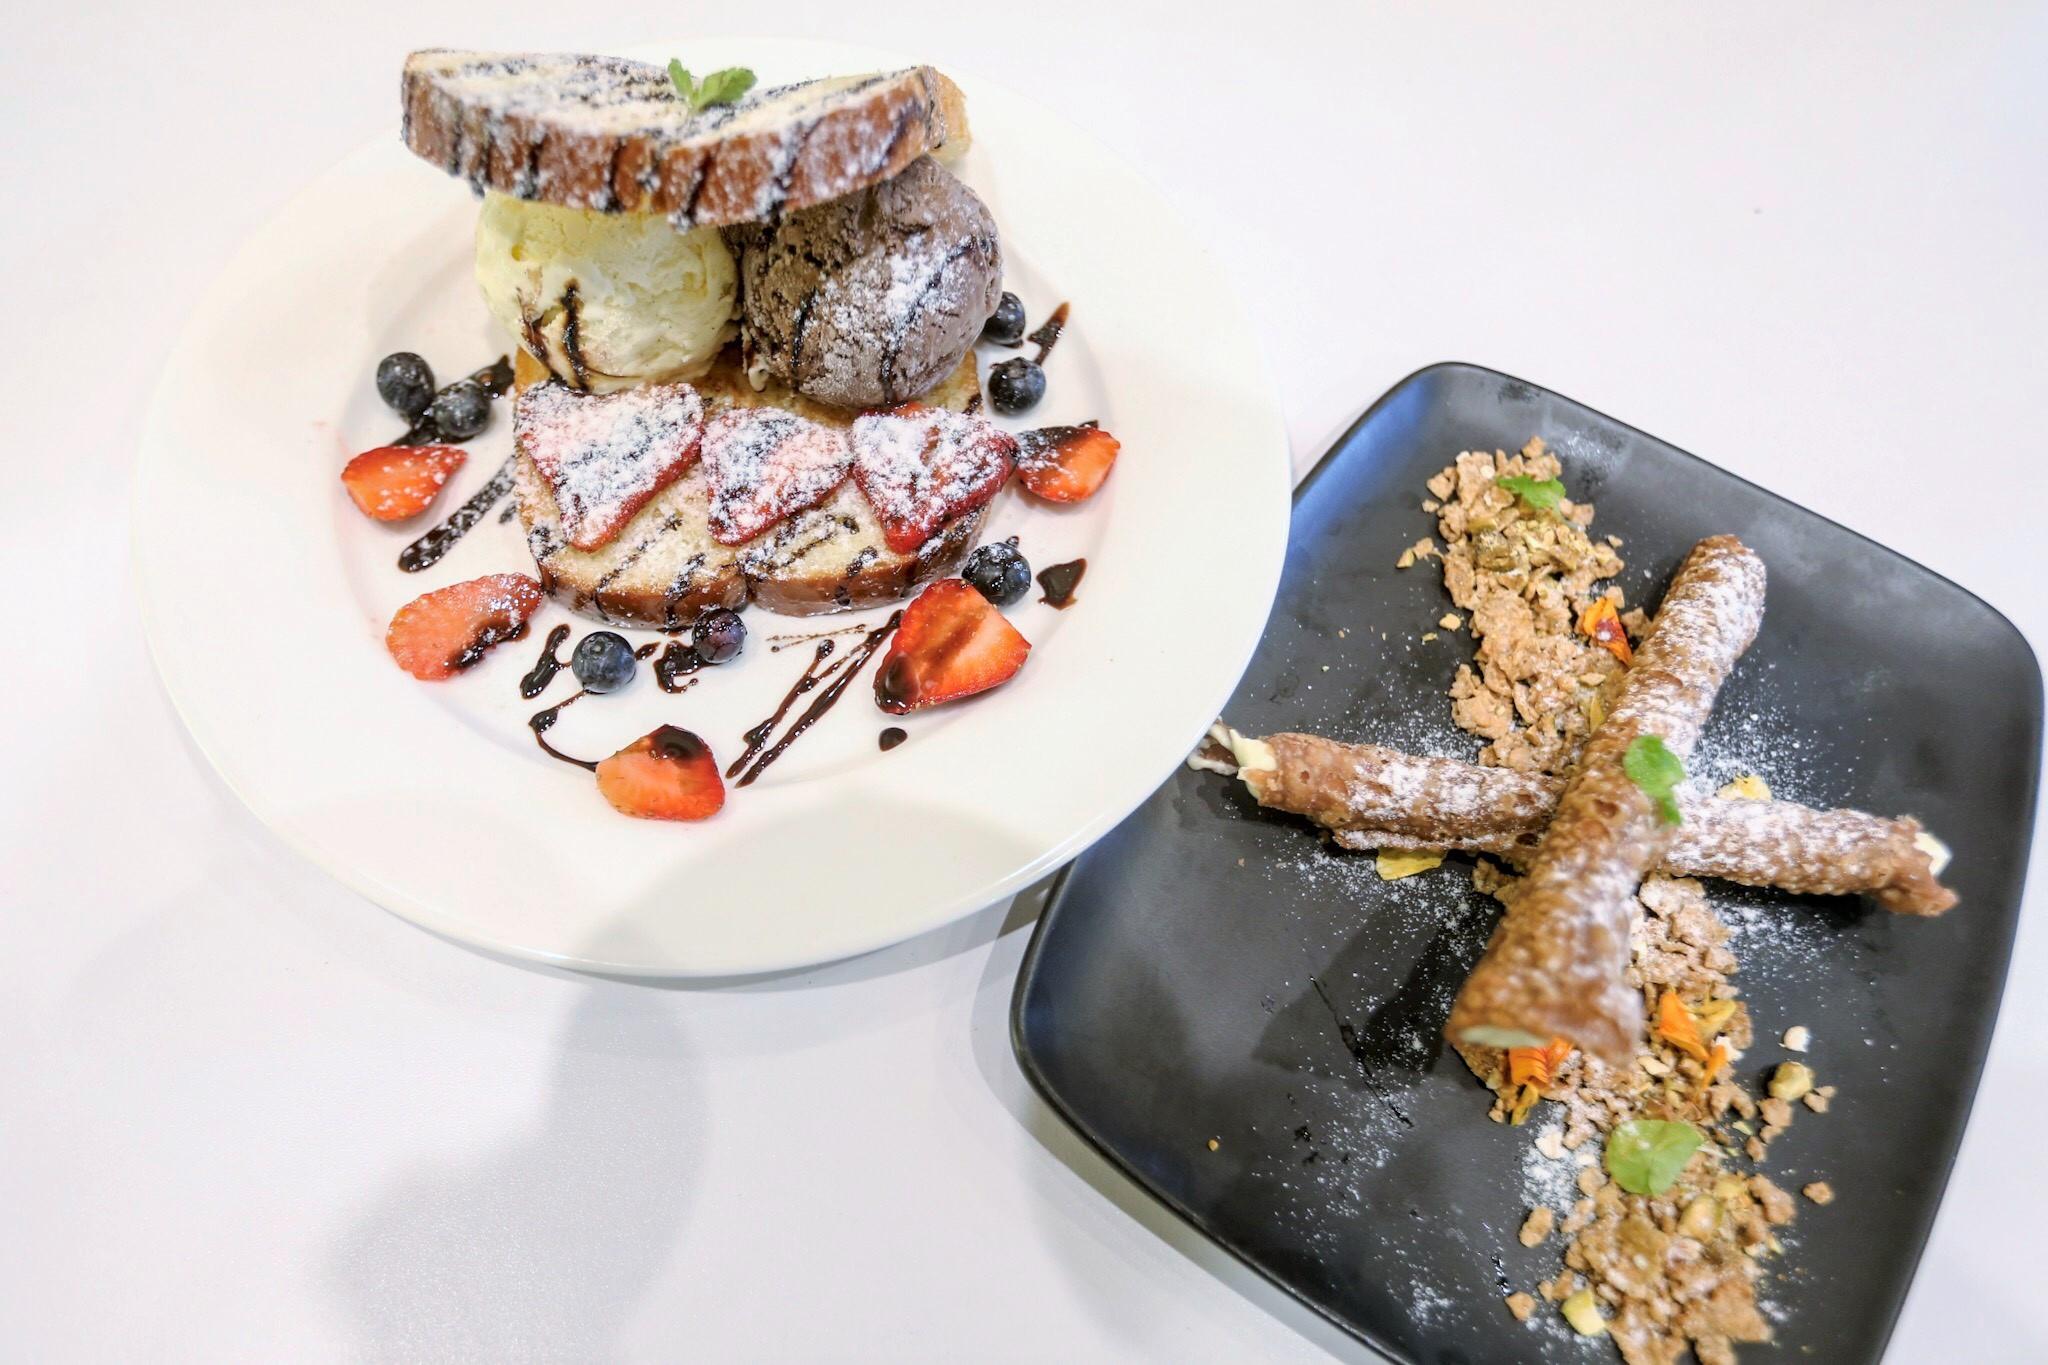 Positano Signature Ice Cream Brioche and Vanilla Cannoli... perfect sweet endings.